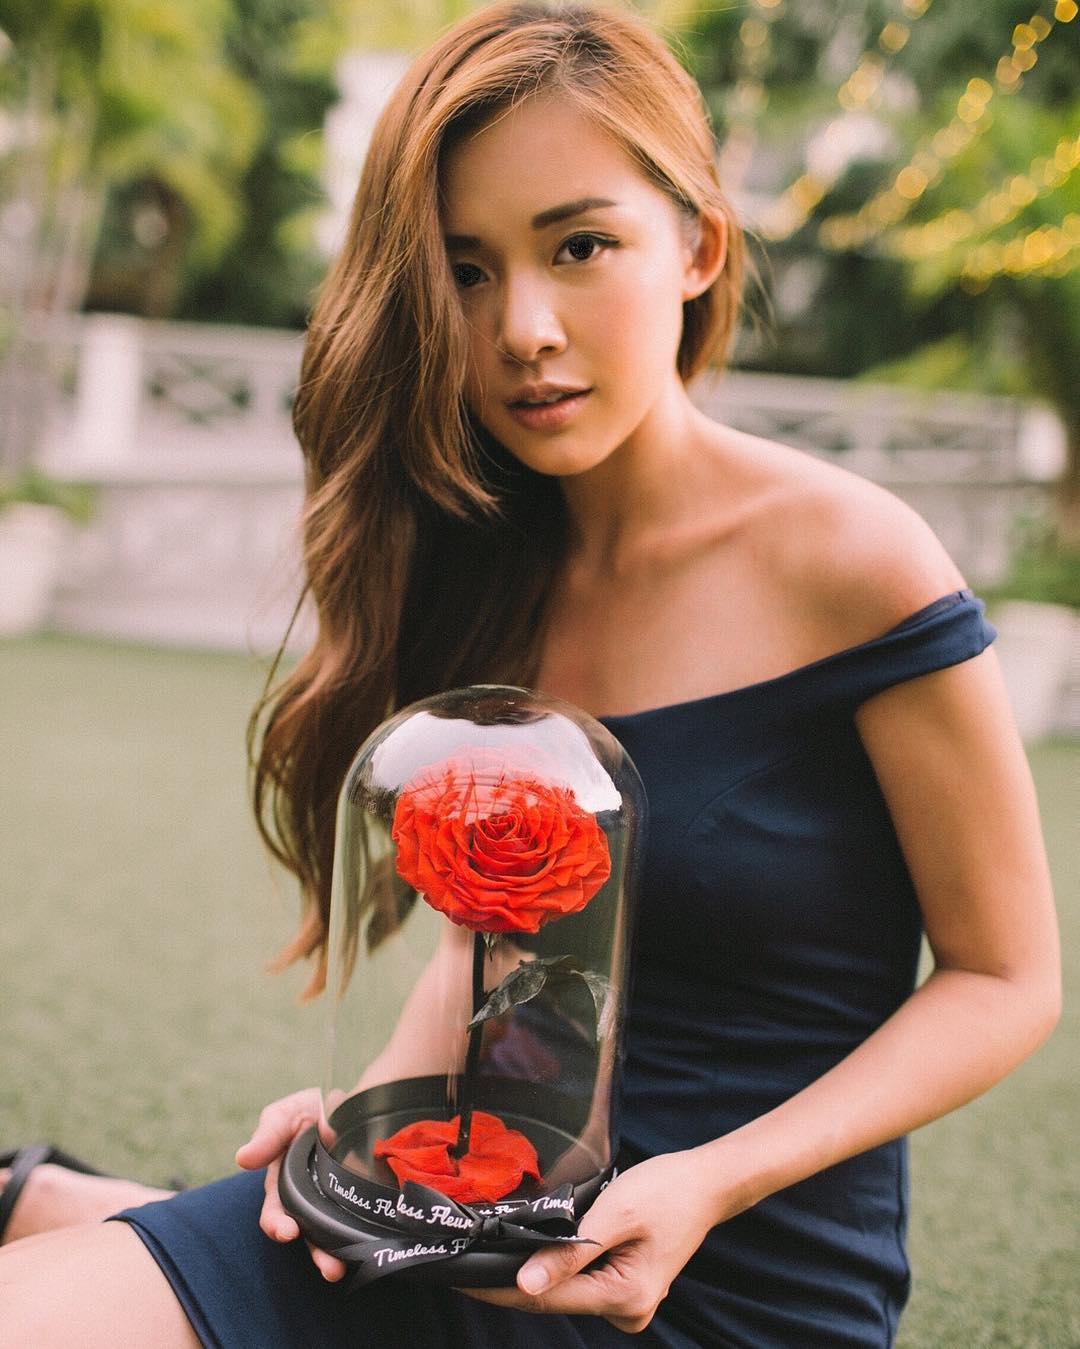 """新加坡国立大学女生晒照  网友赞""""不折不扣美女学霸"""""""